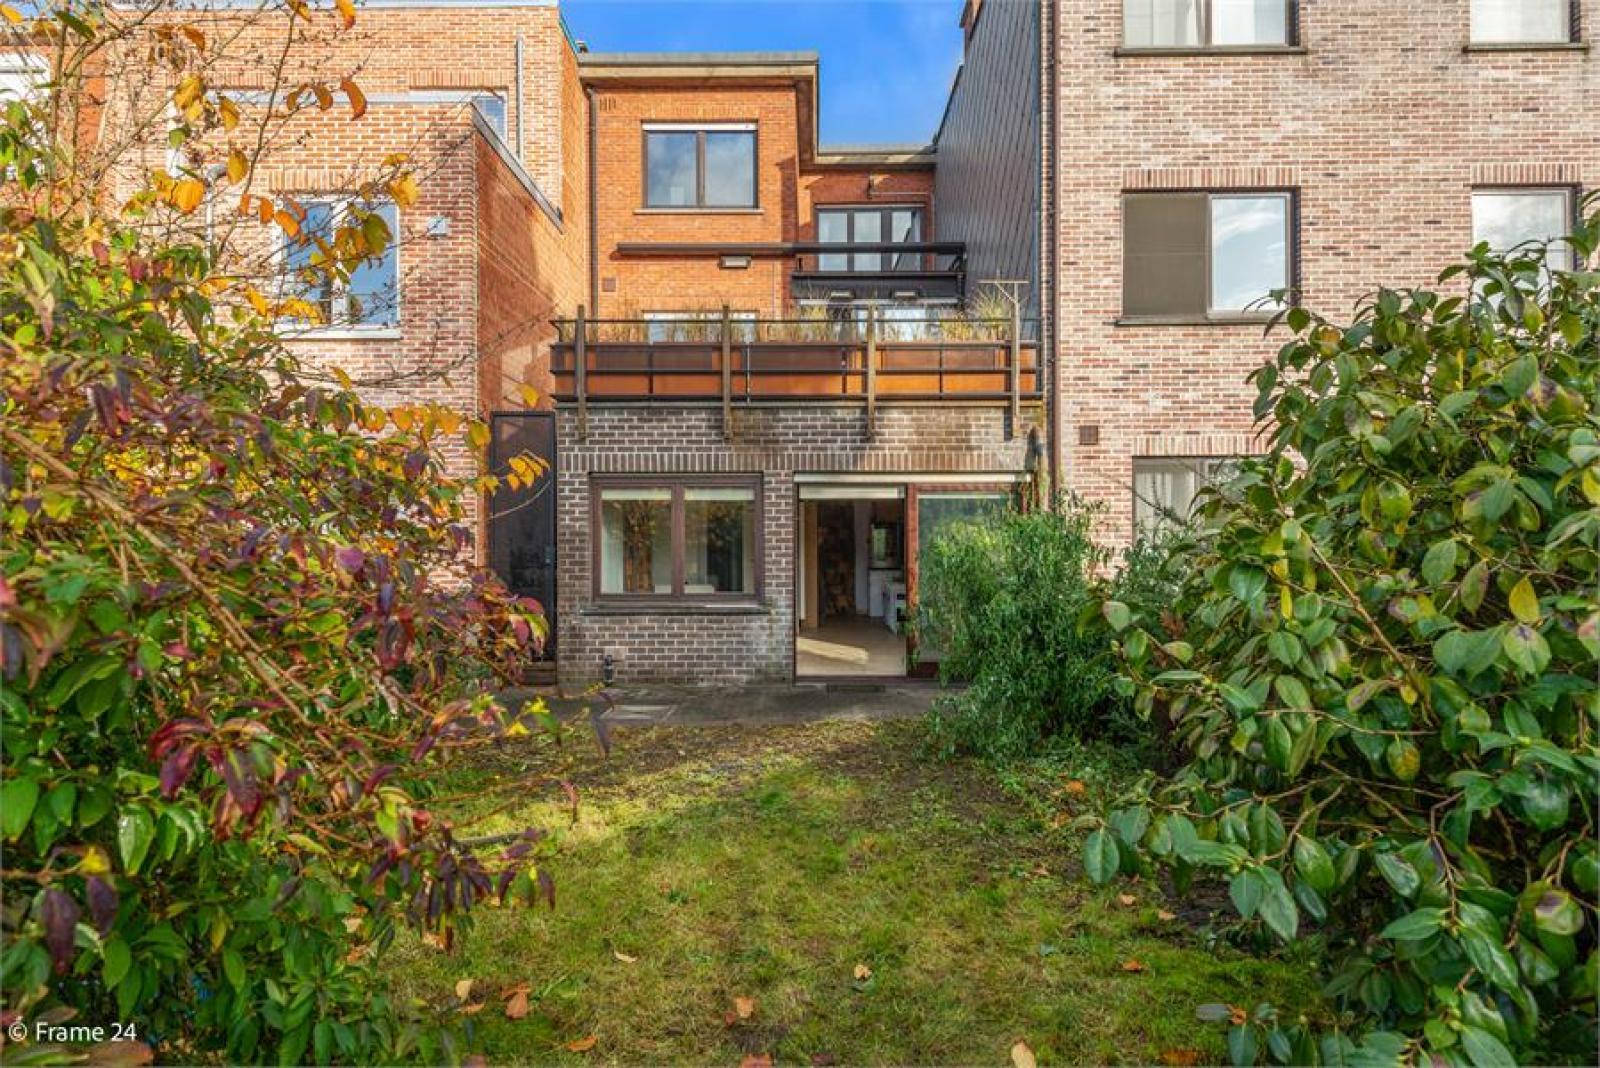 Verzorgde bel-étage met 3 slaapkamers, tuin en garage nabij centrum Wijnegem gelegen. afbeelding 22